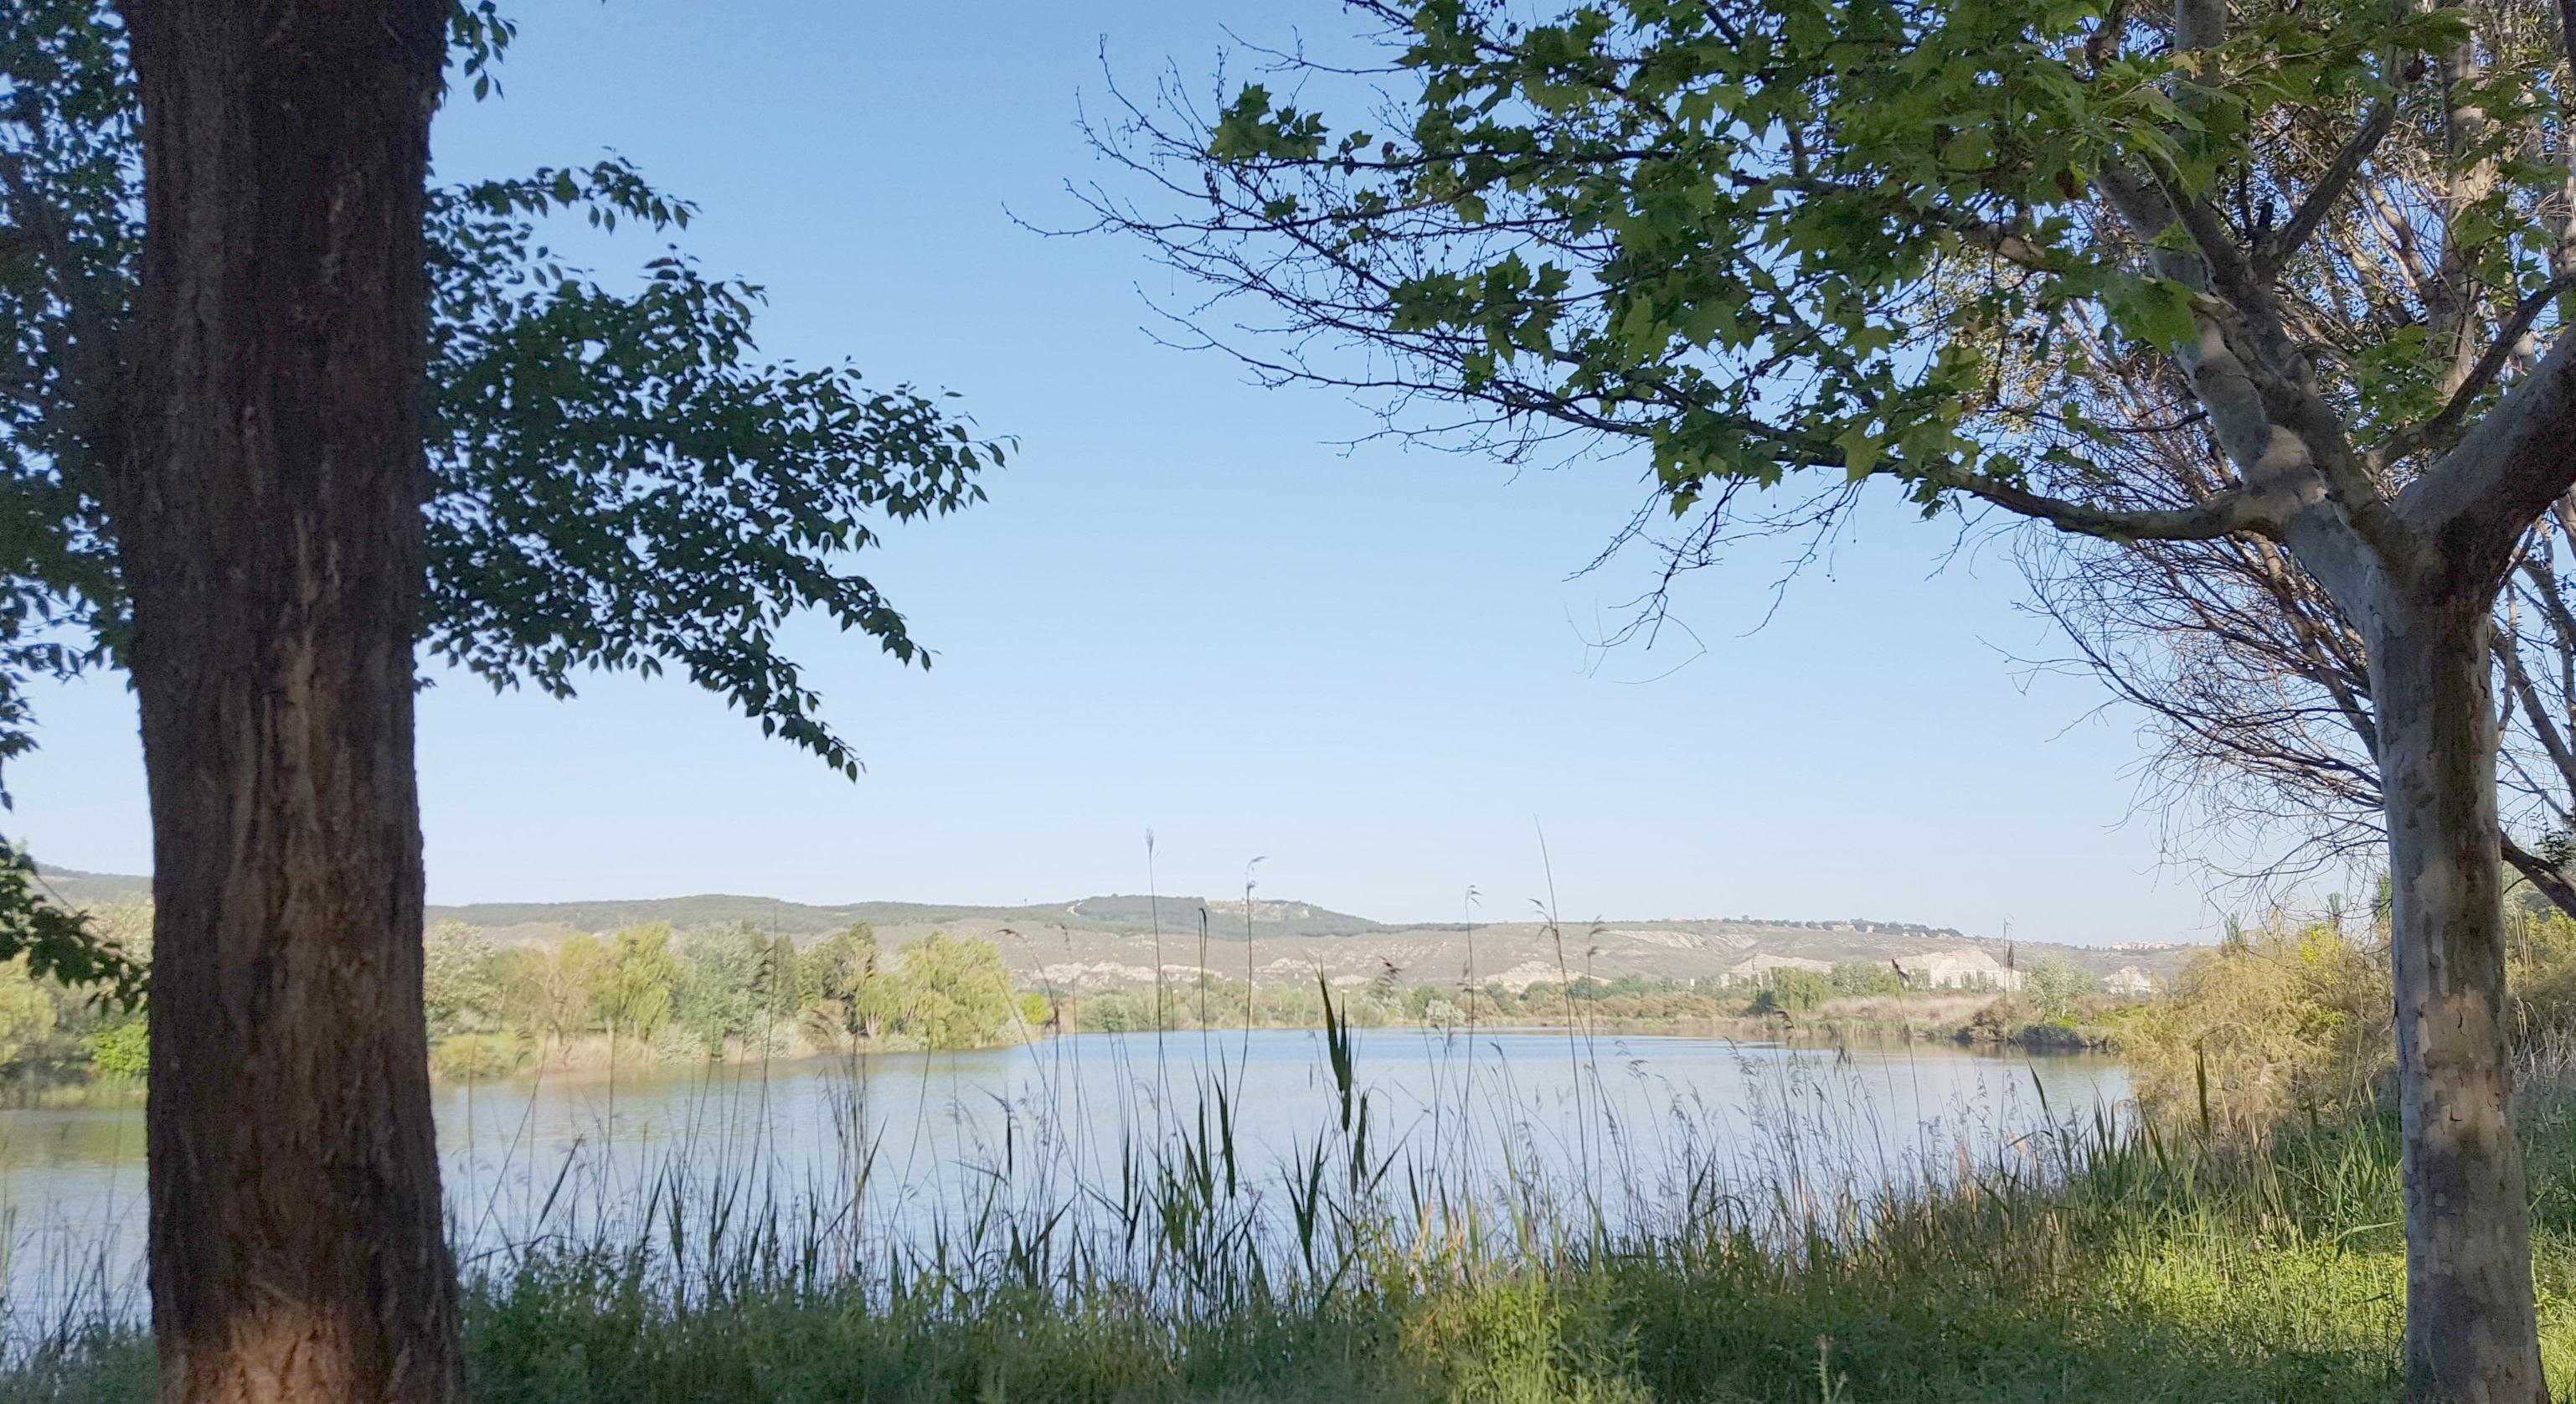 El Ayuntamiento ha conseguido que se realice un estudio integral de la Laguna El Raso que financiará la CAM